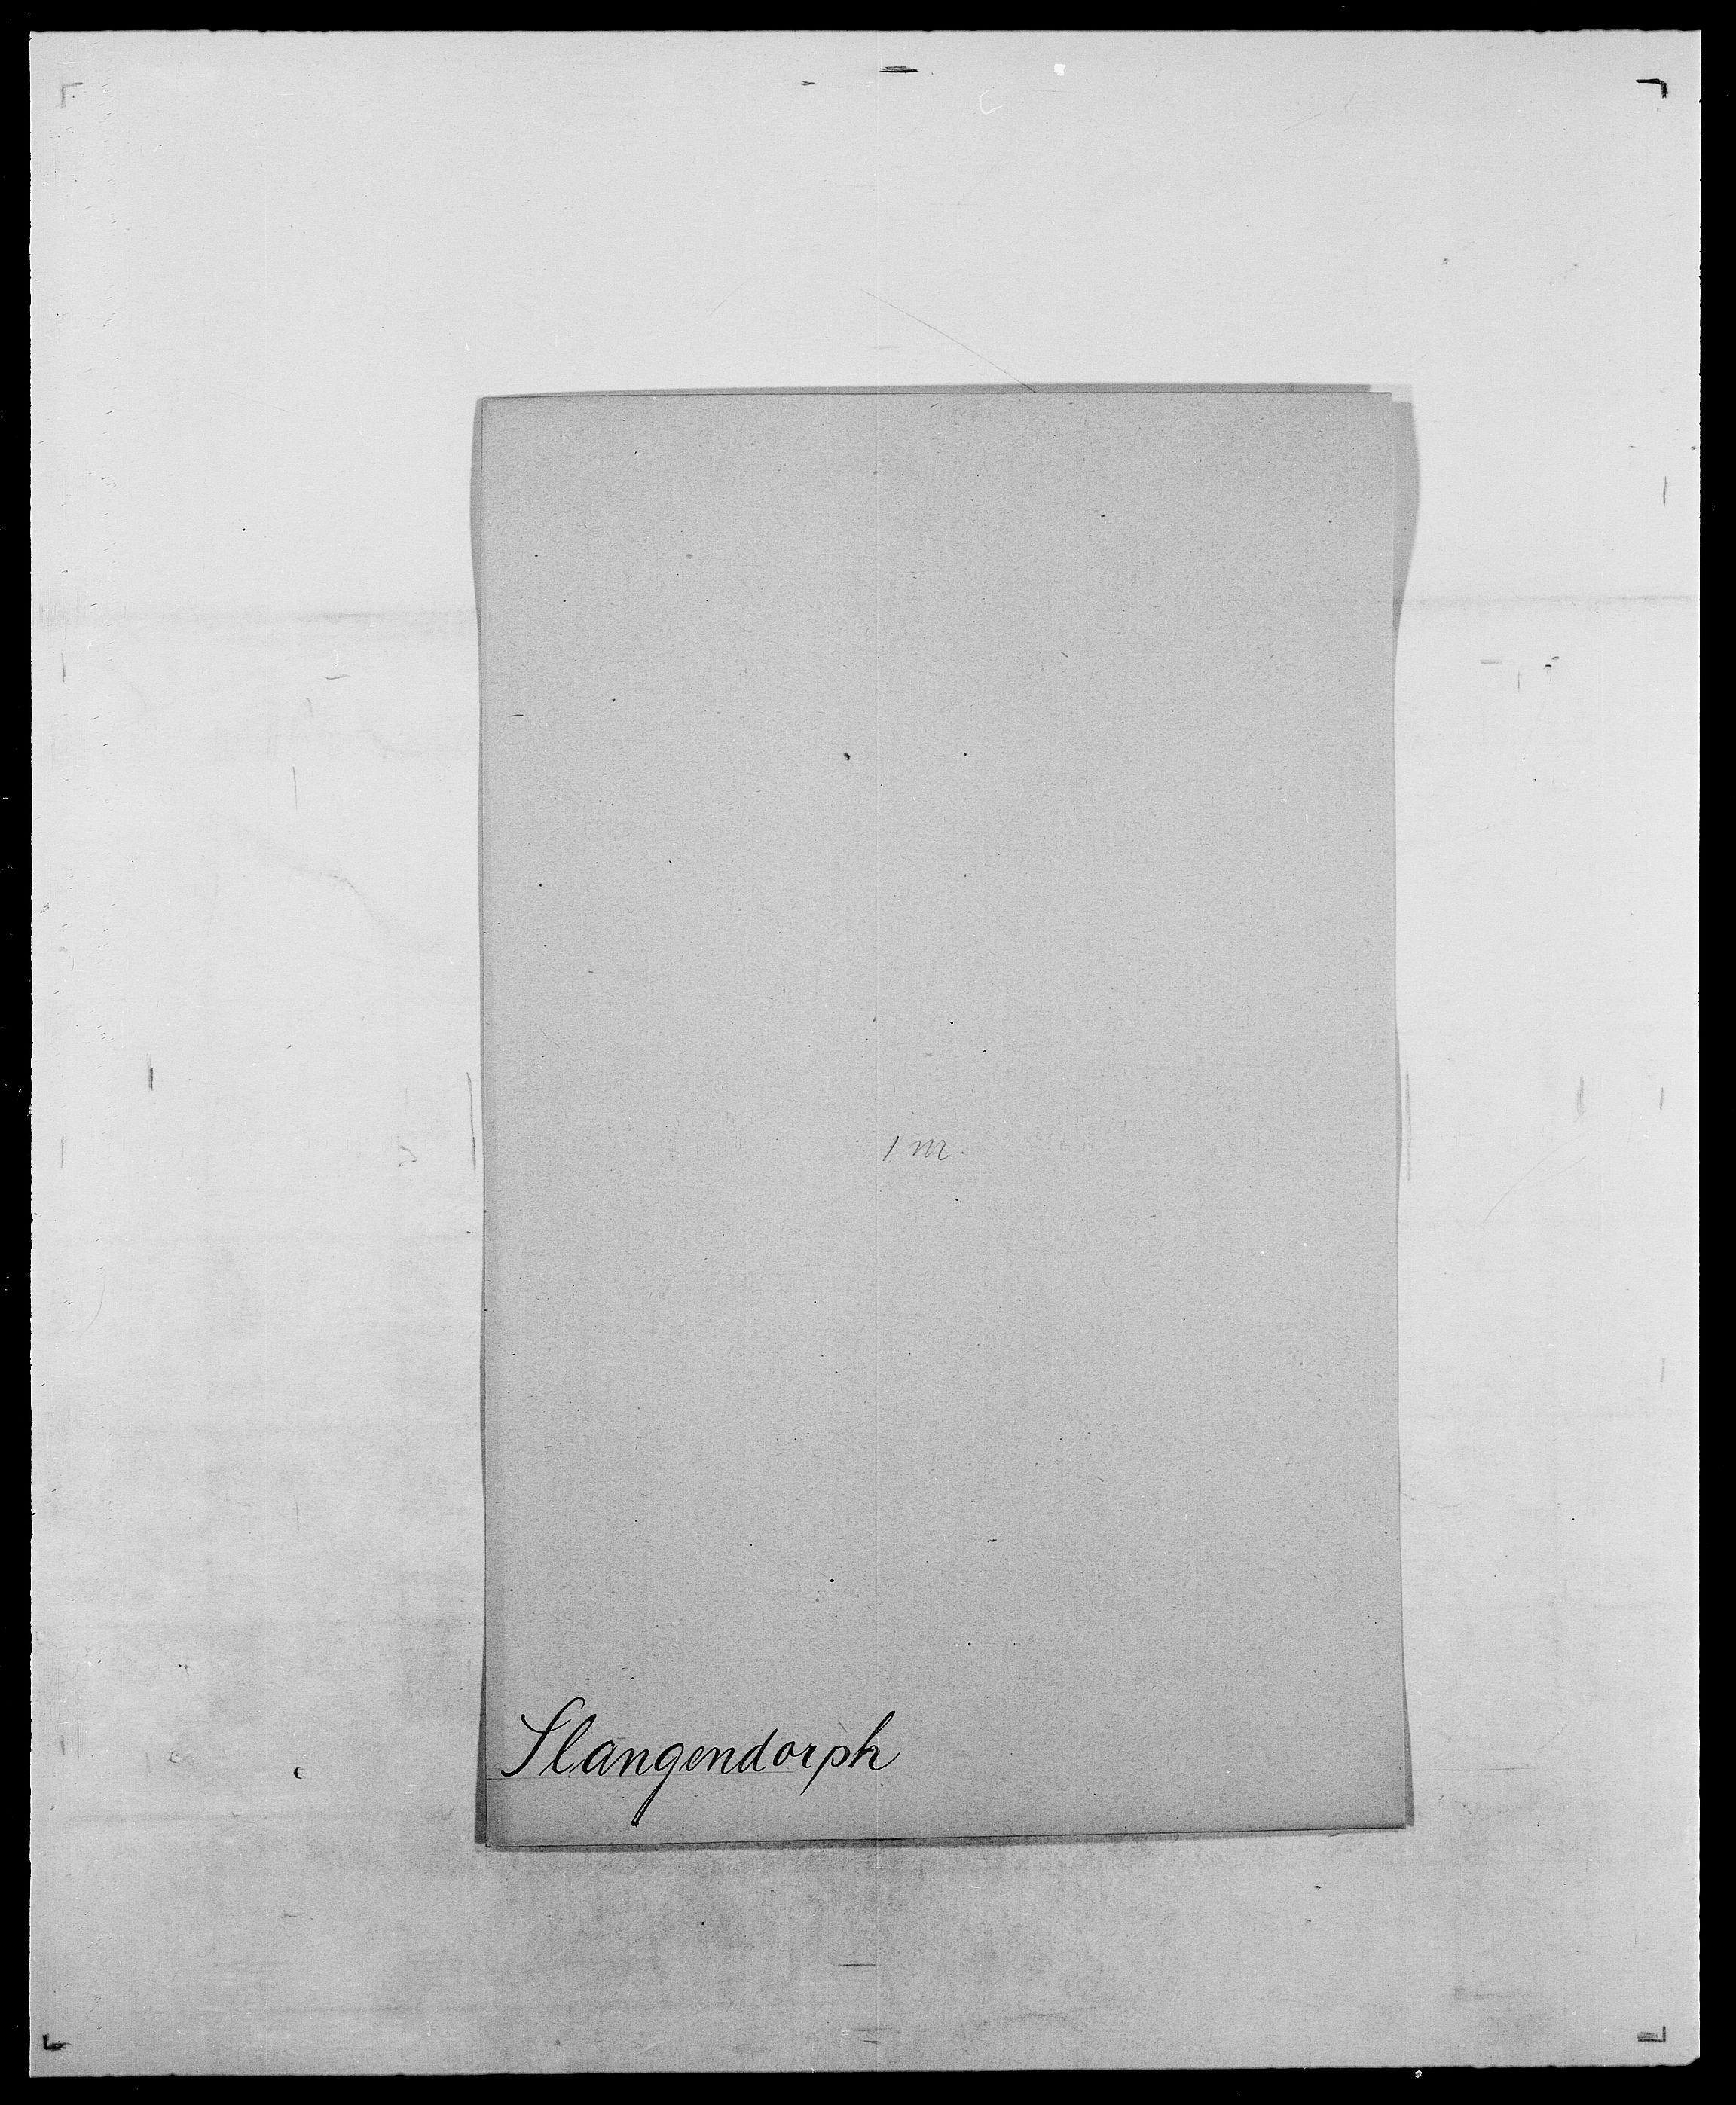 SAO, Delgobe, Charles Antoine - samling, D/Da/L0036: Skaanør - Staverskov, s. 81